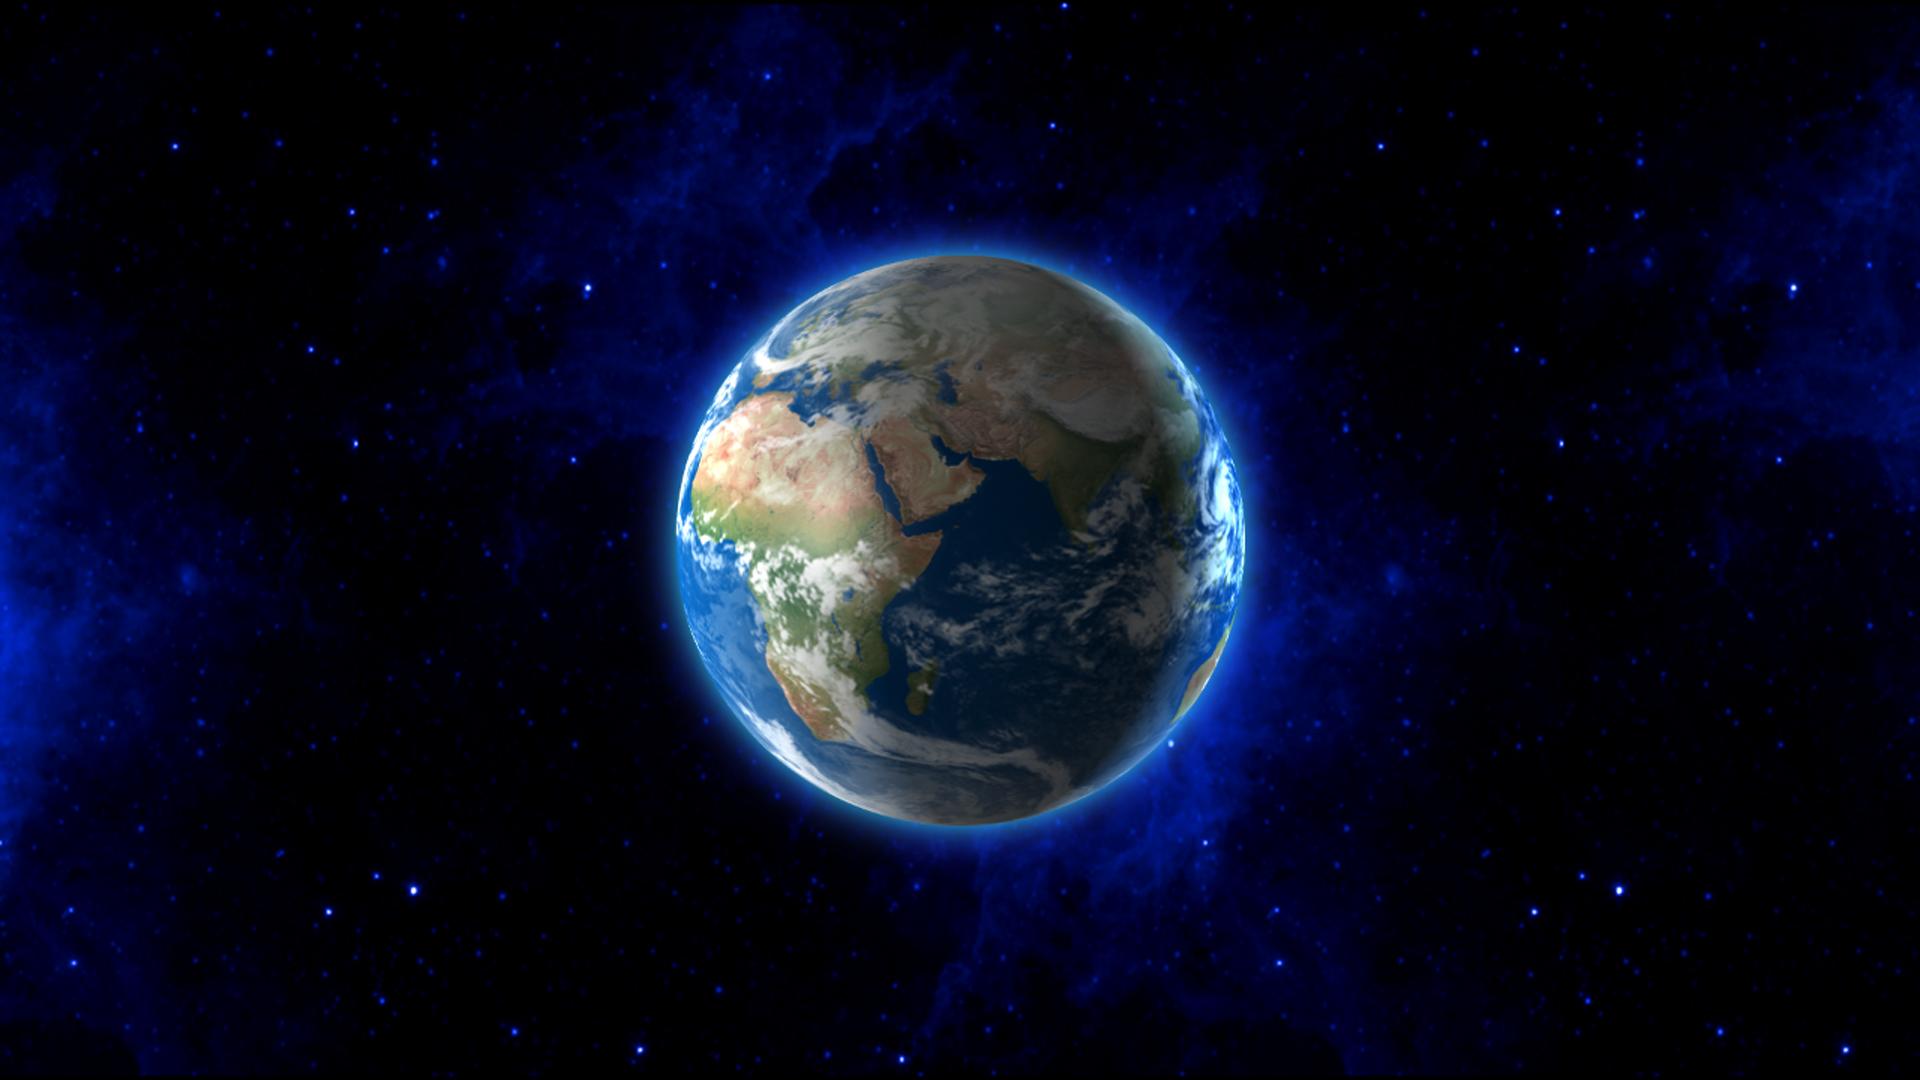 HD Earth Wallpaper - WallpaperSafari